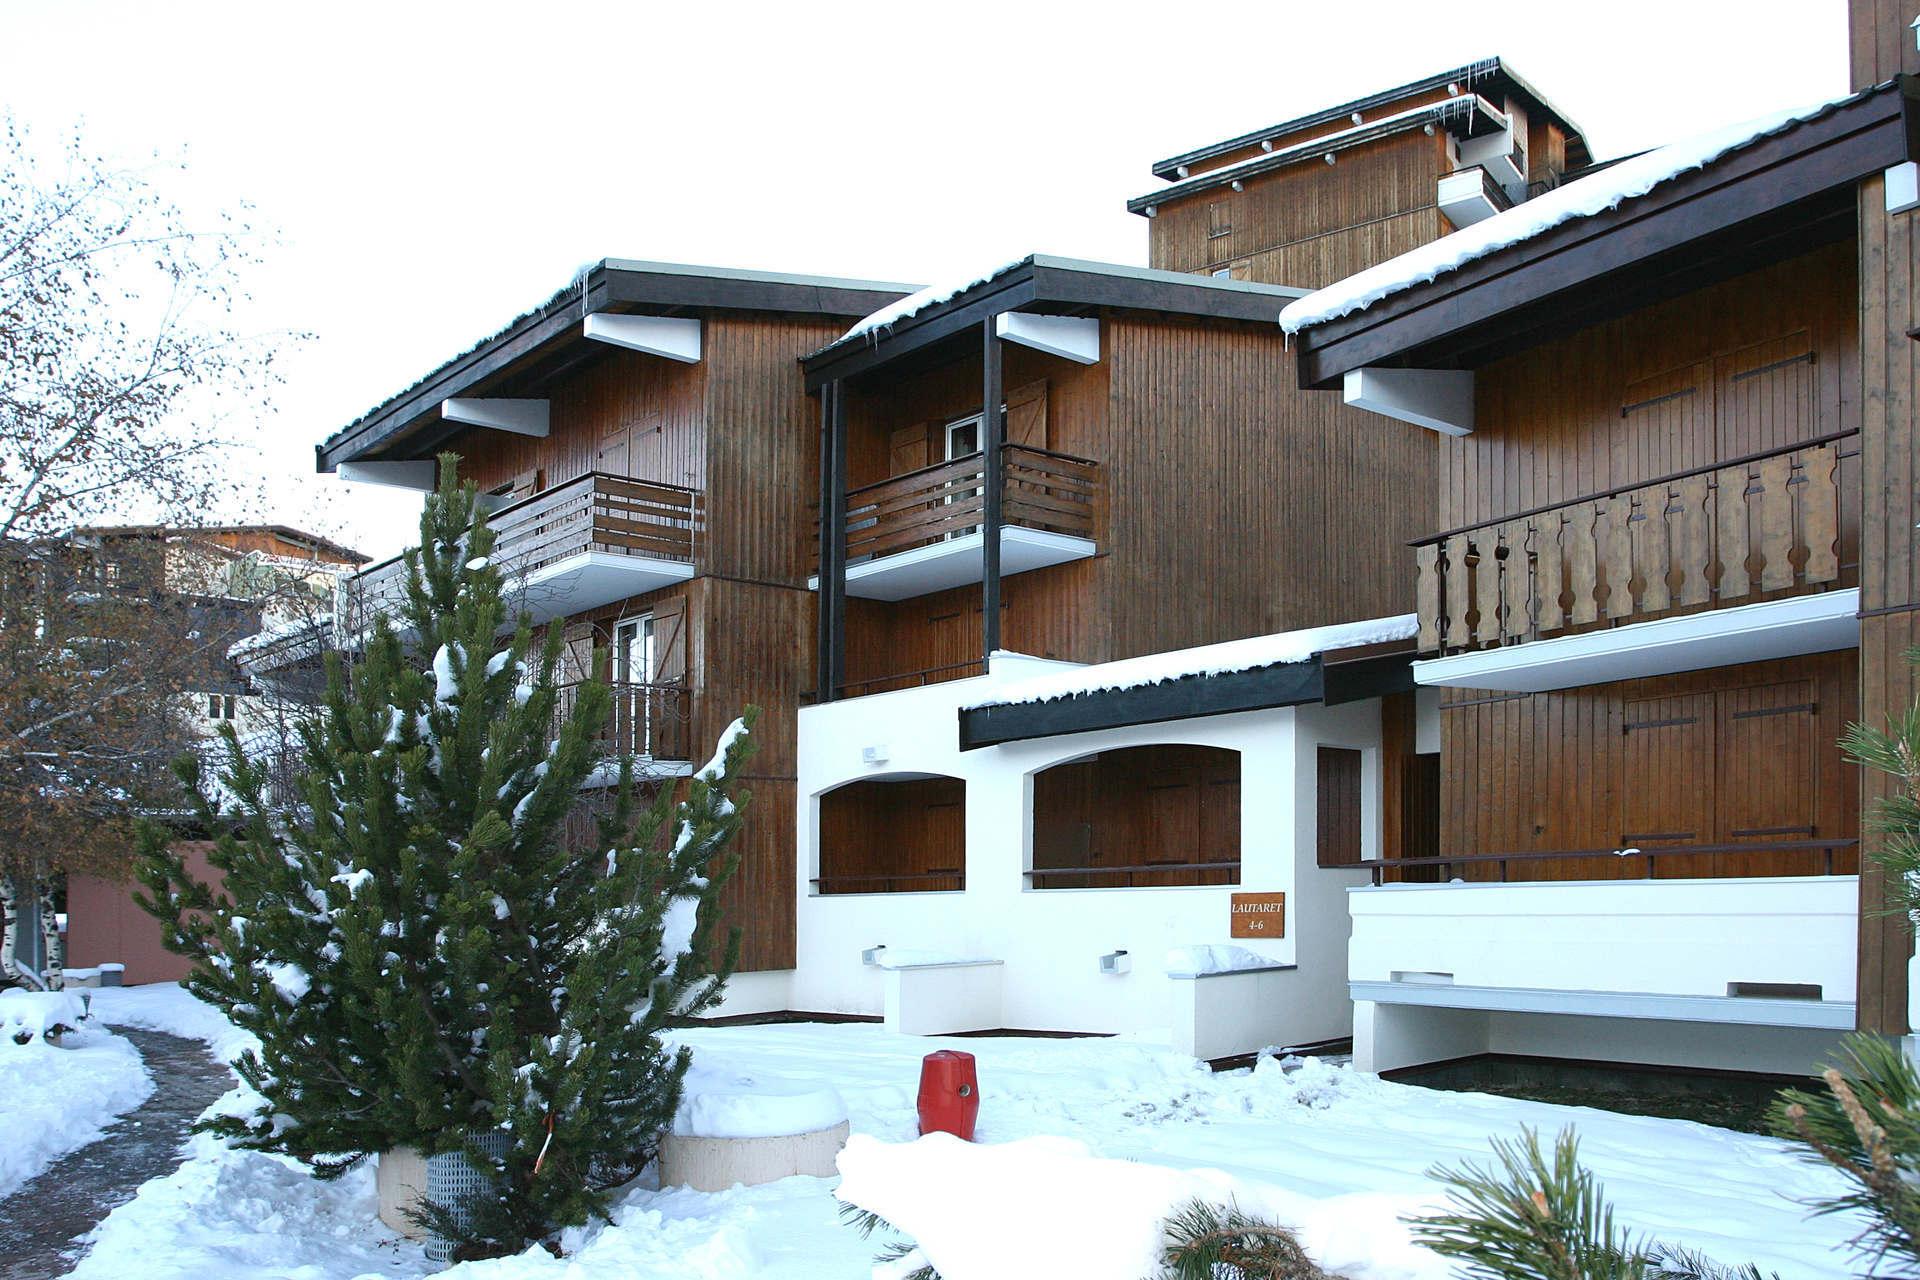 LAUTARET 5 - COPROTEL - Les 2 Alpes